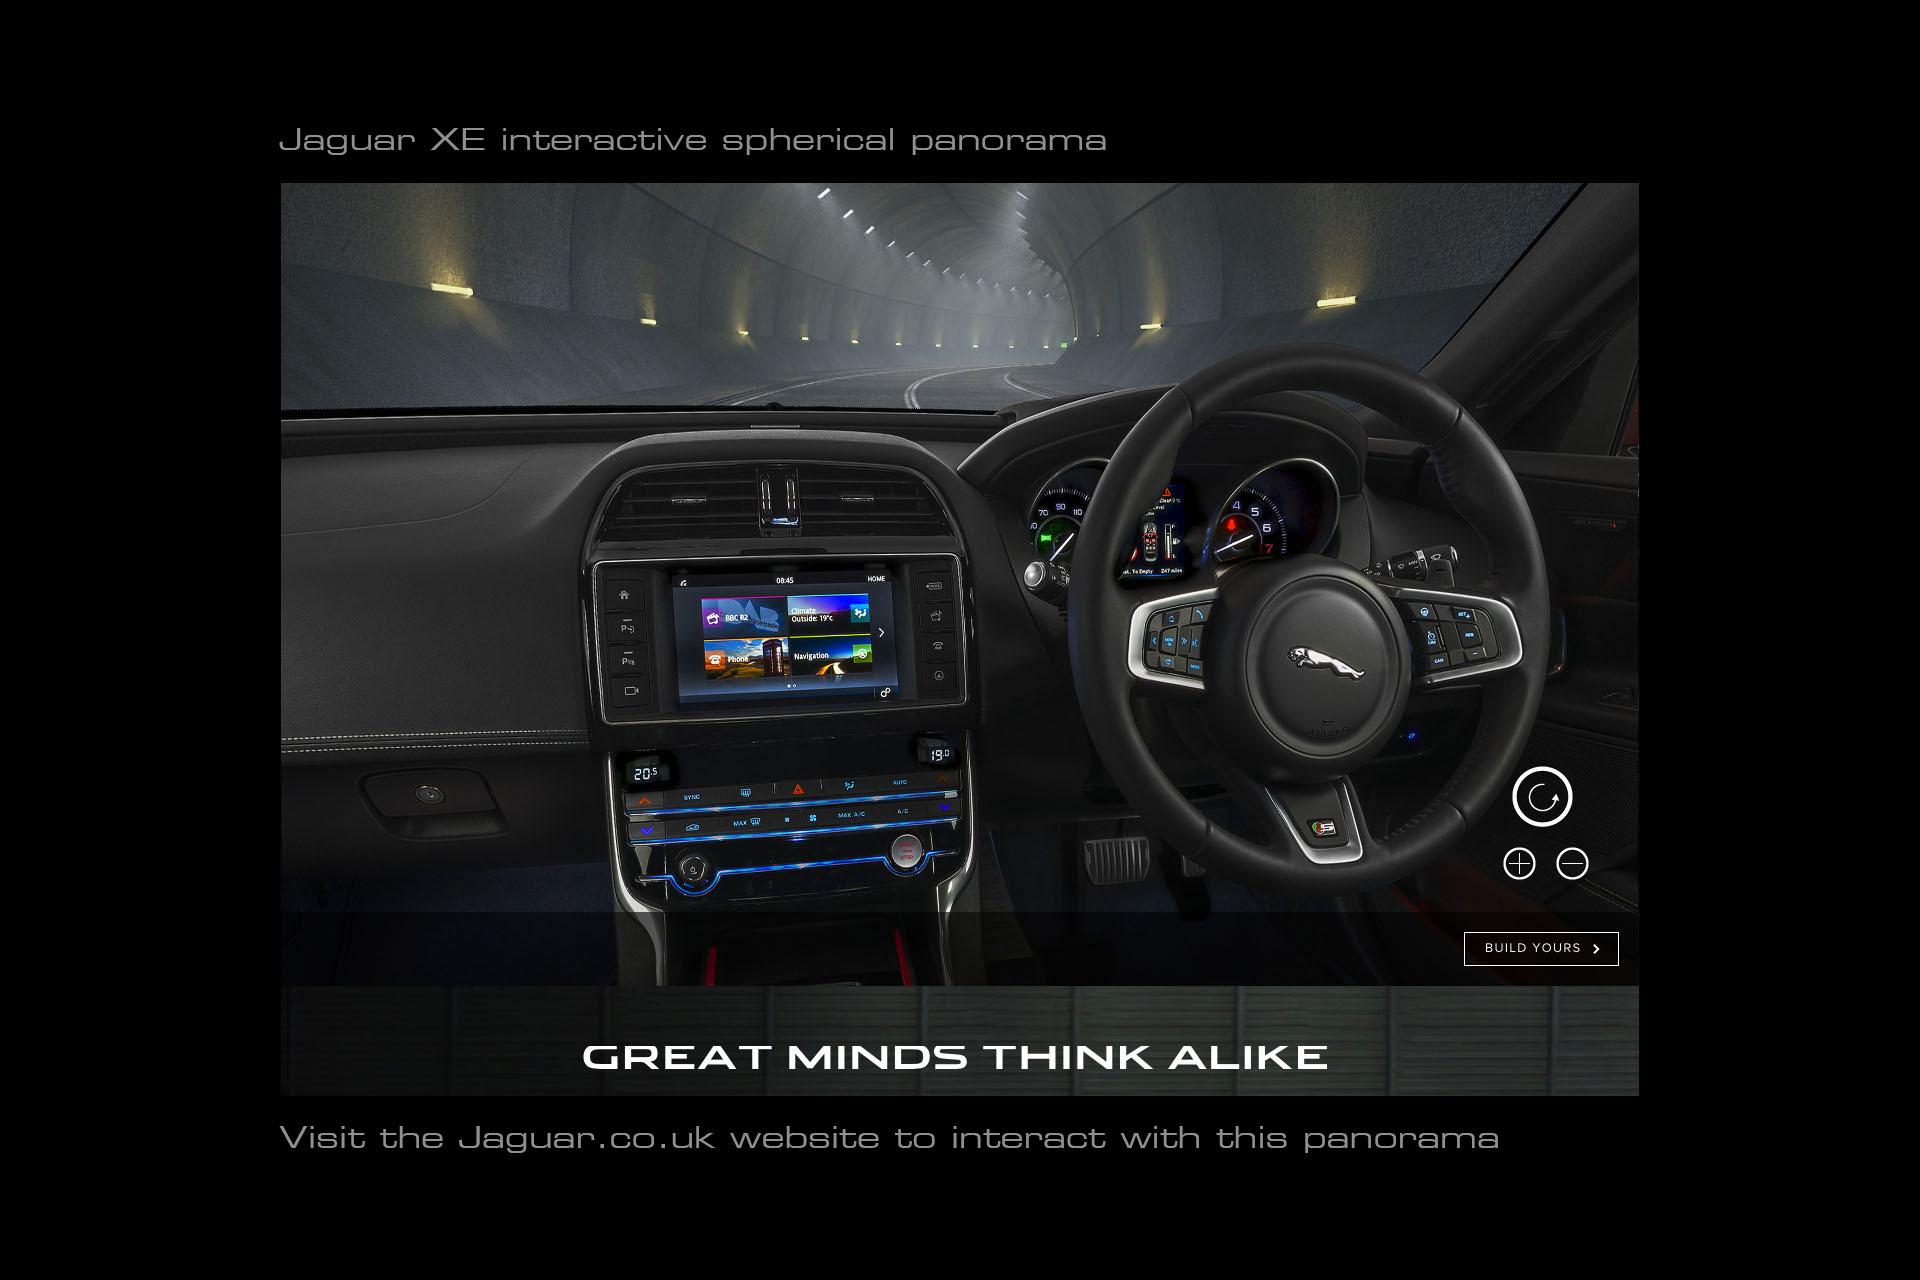 Jaguar XE interior 360 panorama